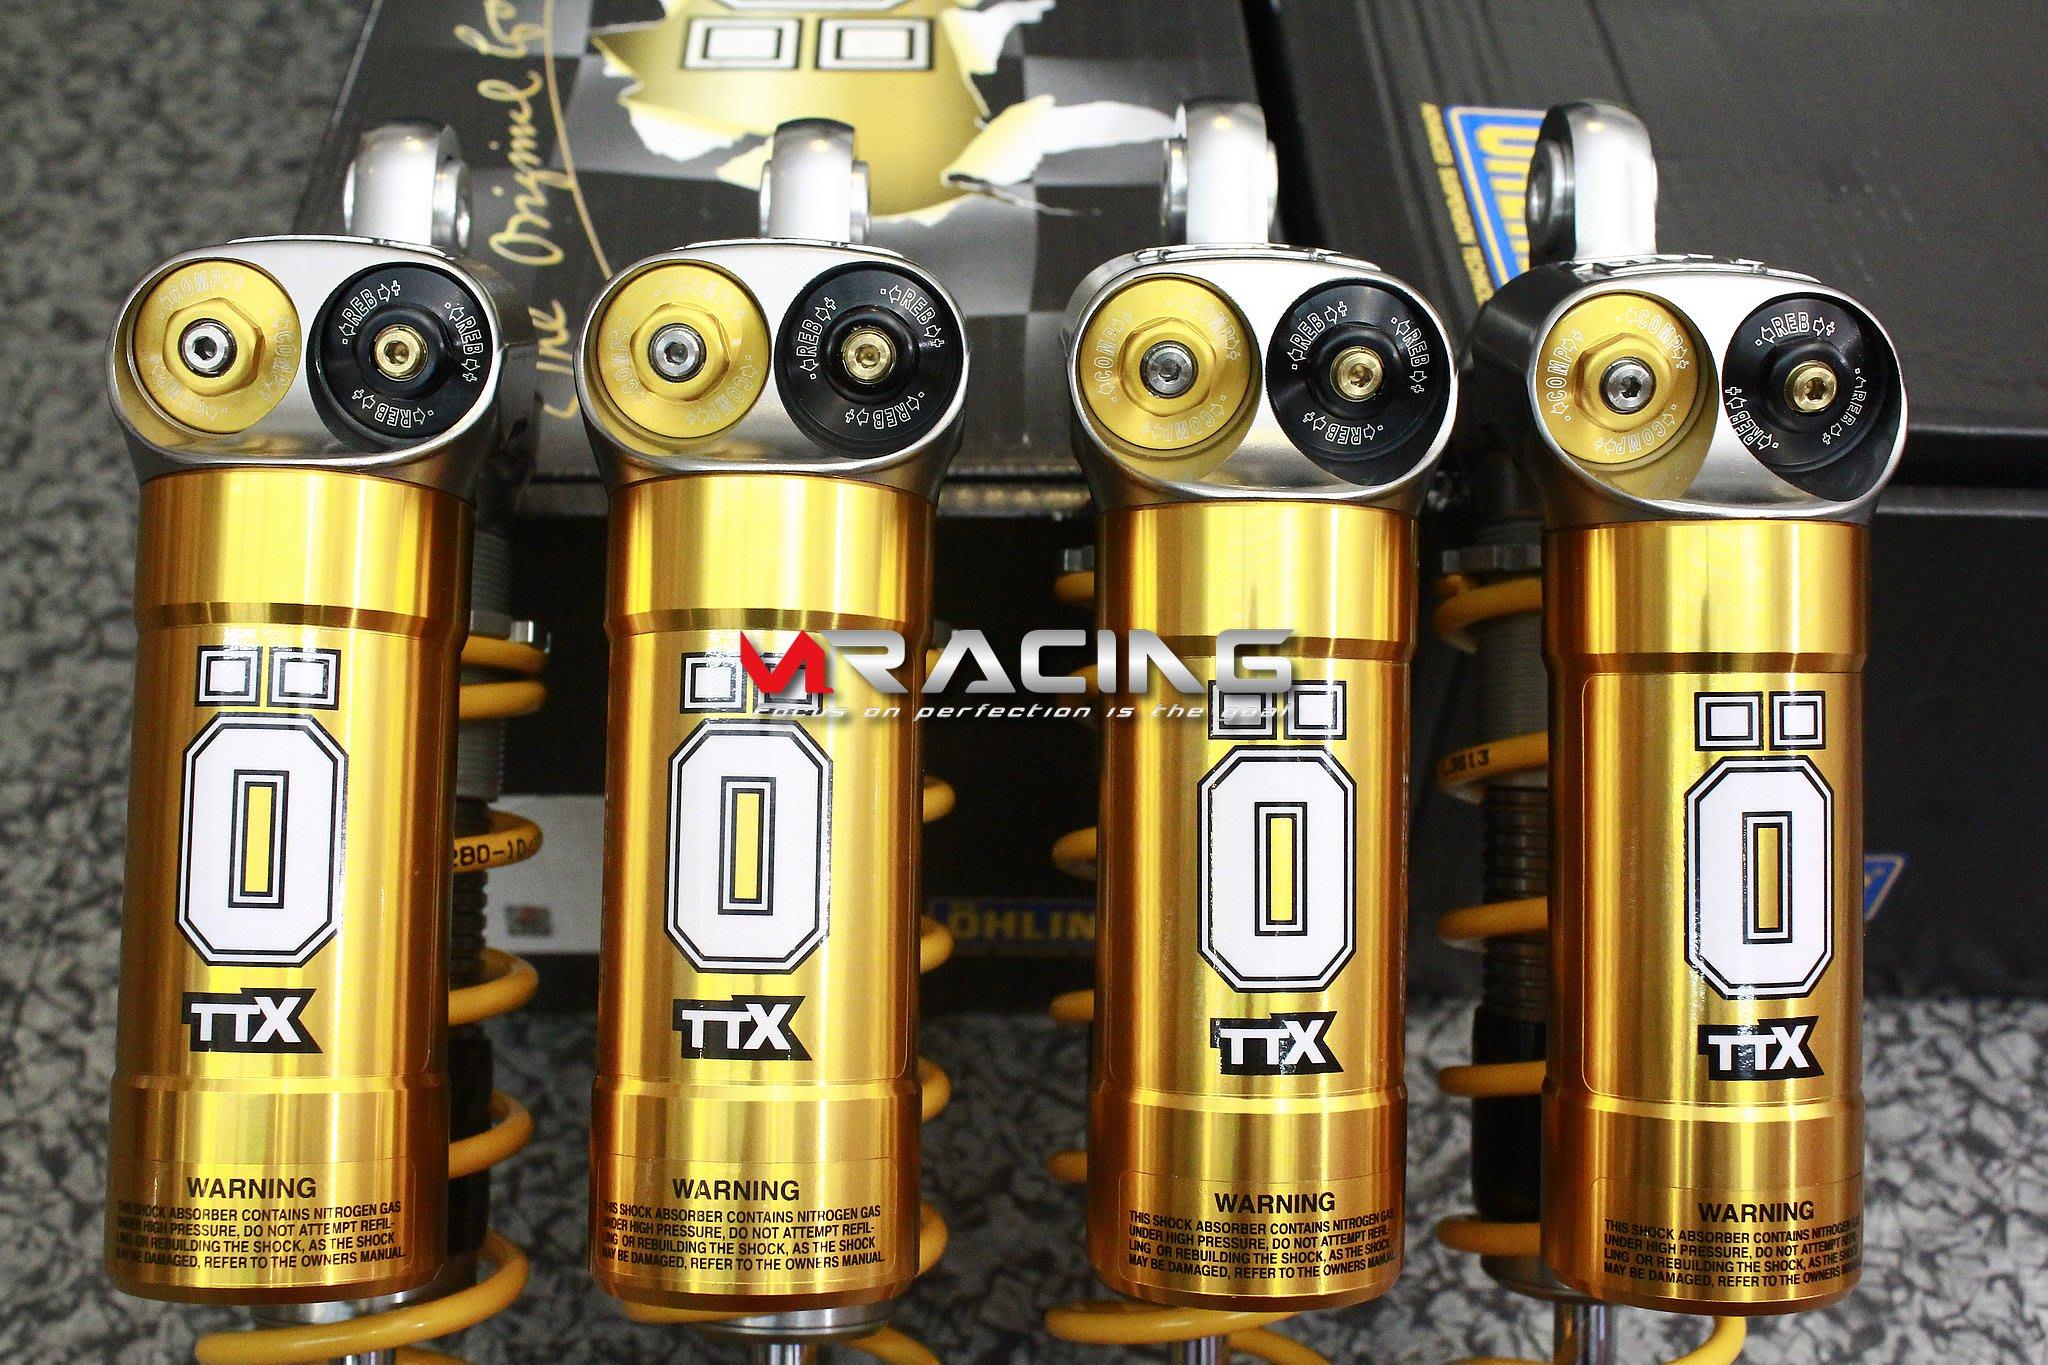 【炫富精品工作室】OHLINS TTX 頂級避震器 速客達專用 適用:四代新勁戰/三代新勁戰/BWSR/BWS/AERO